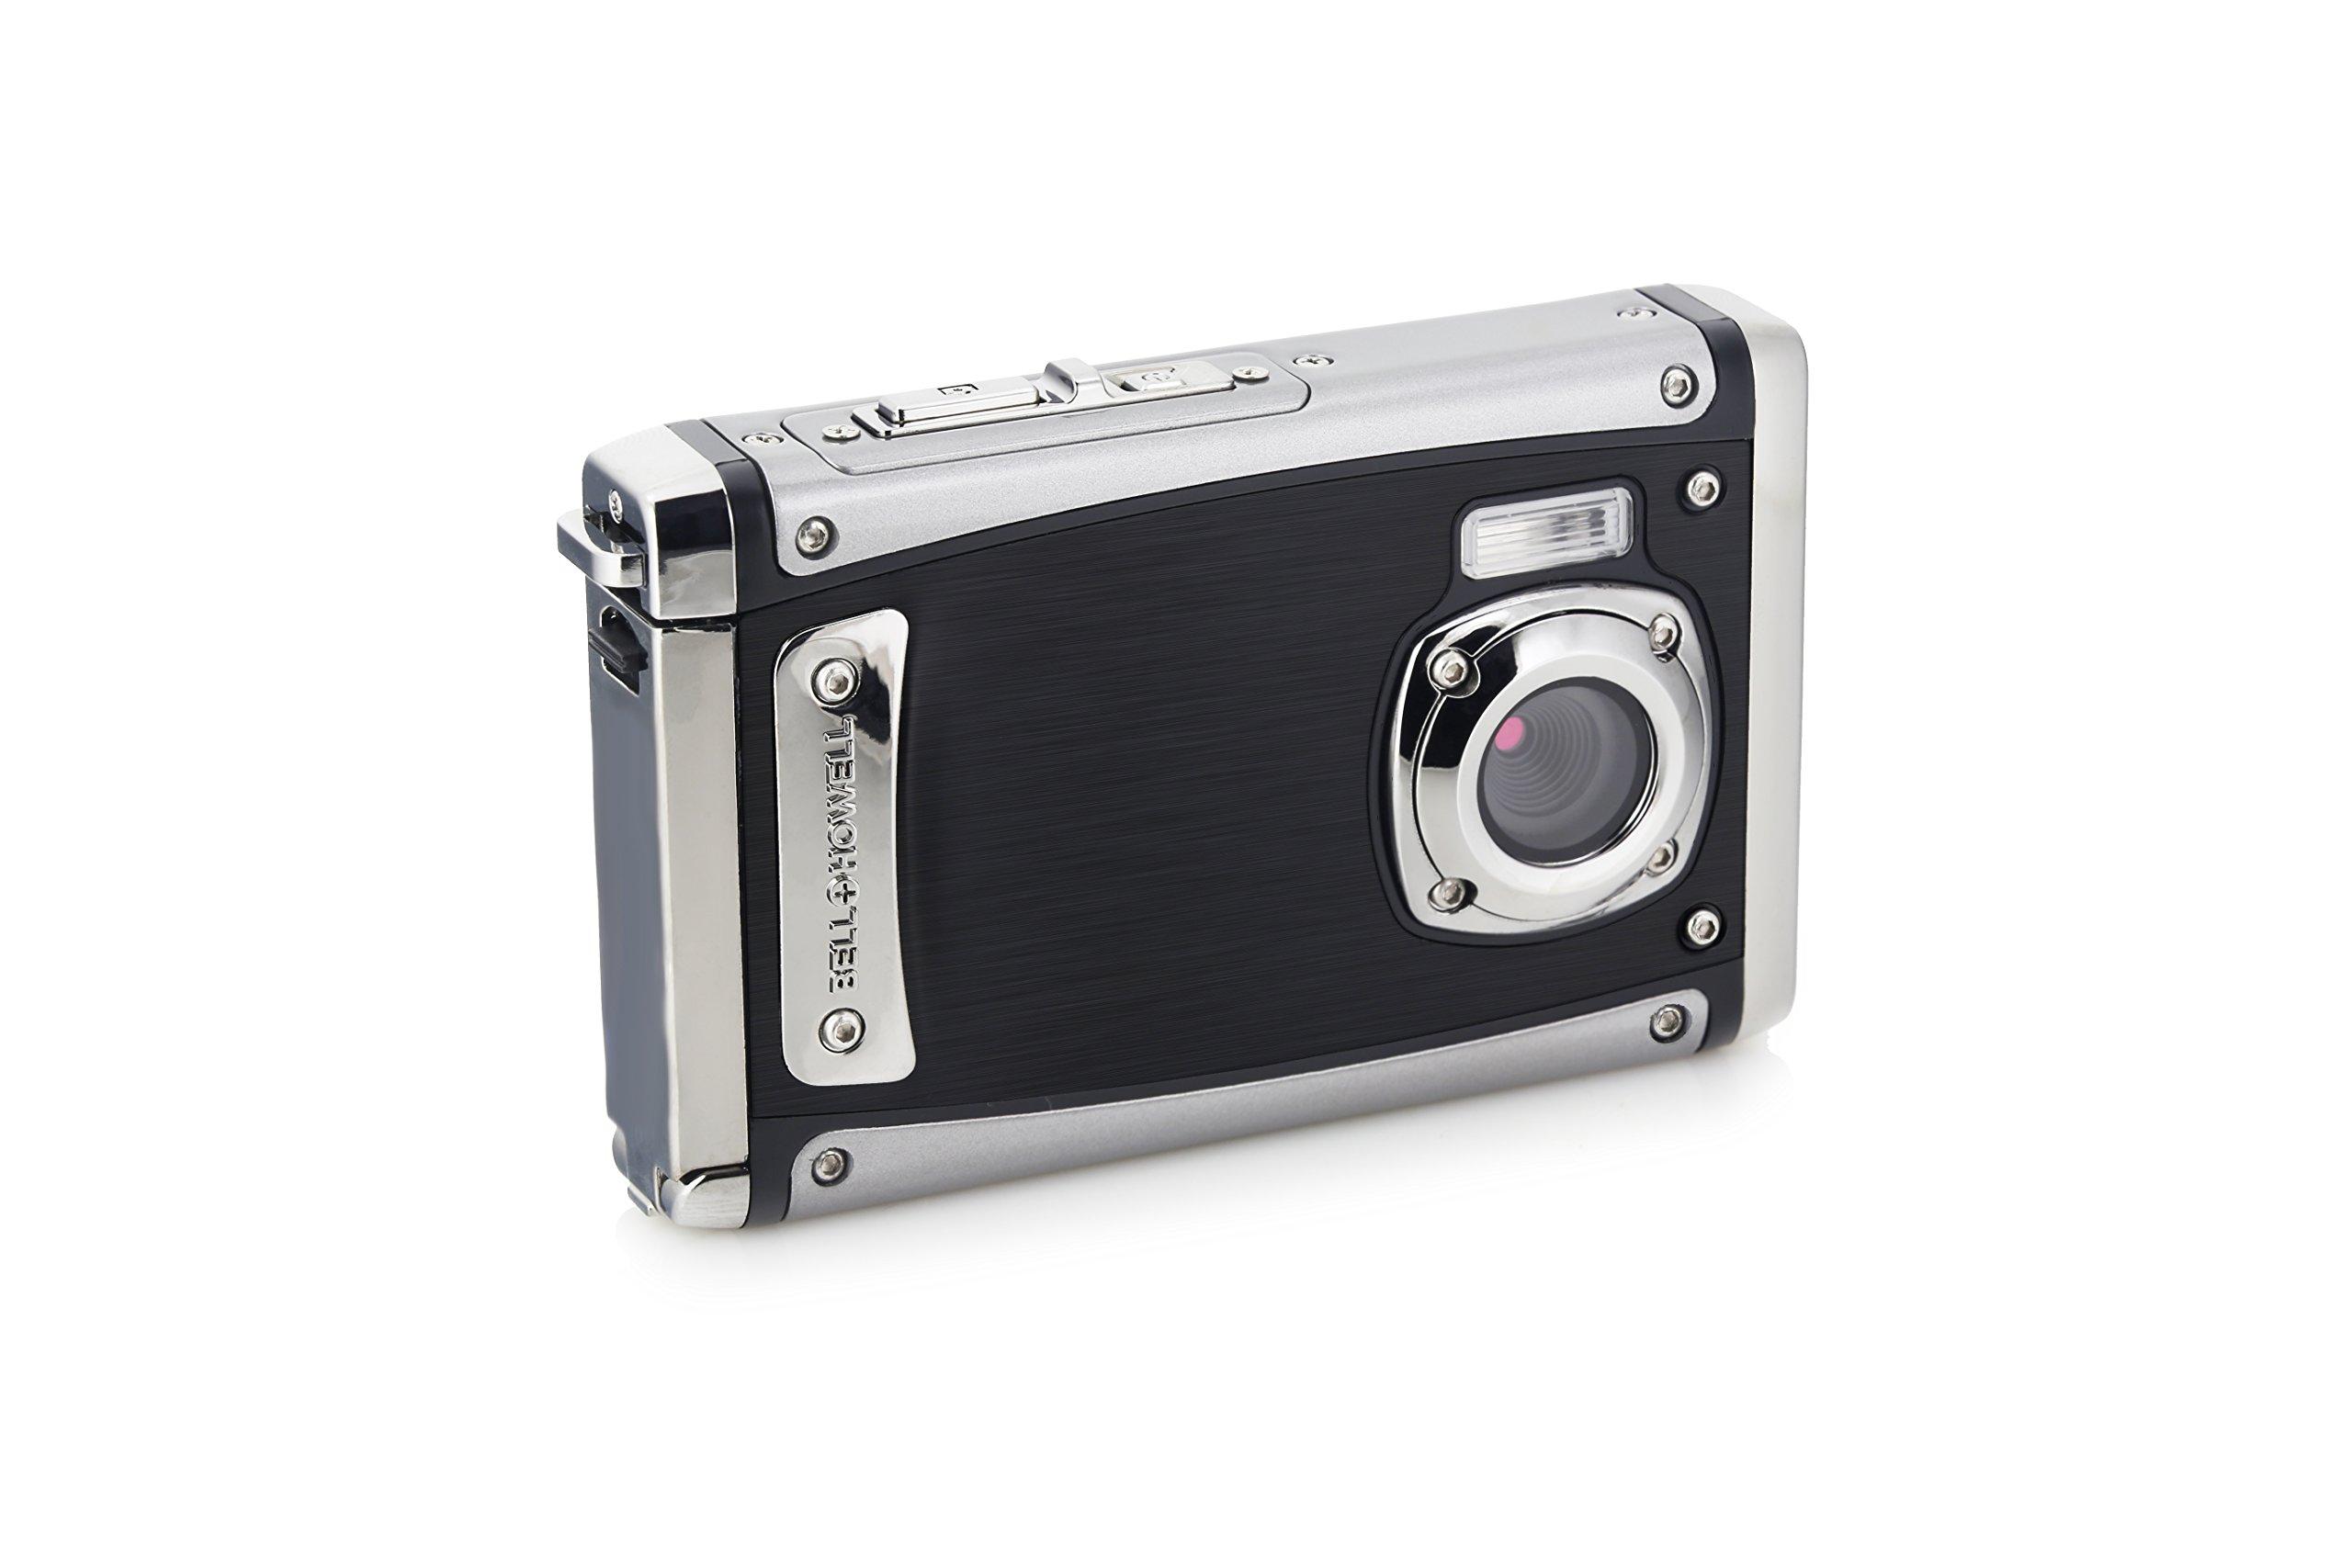 Bell+Howell WP20-BK Splash3 20 Mega Pixels Waterproof Underwater Digital Camera with Full 1080p HD Video, 2.4'' LCD & 8X Digital Zoom, Black